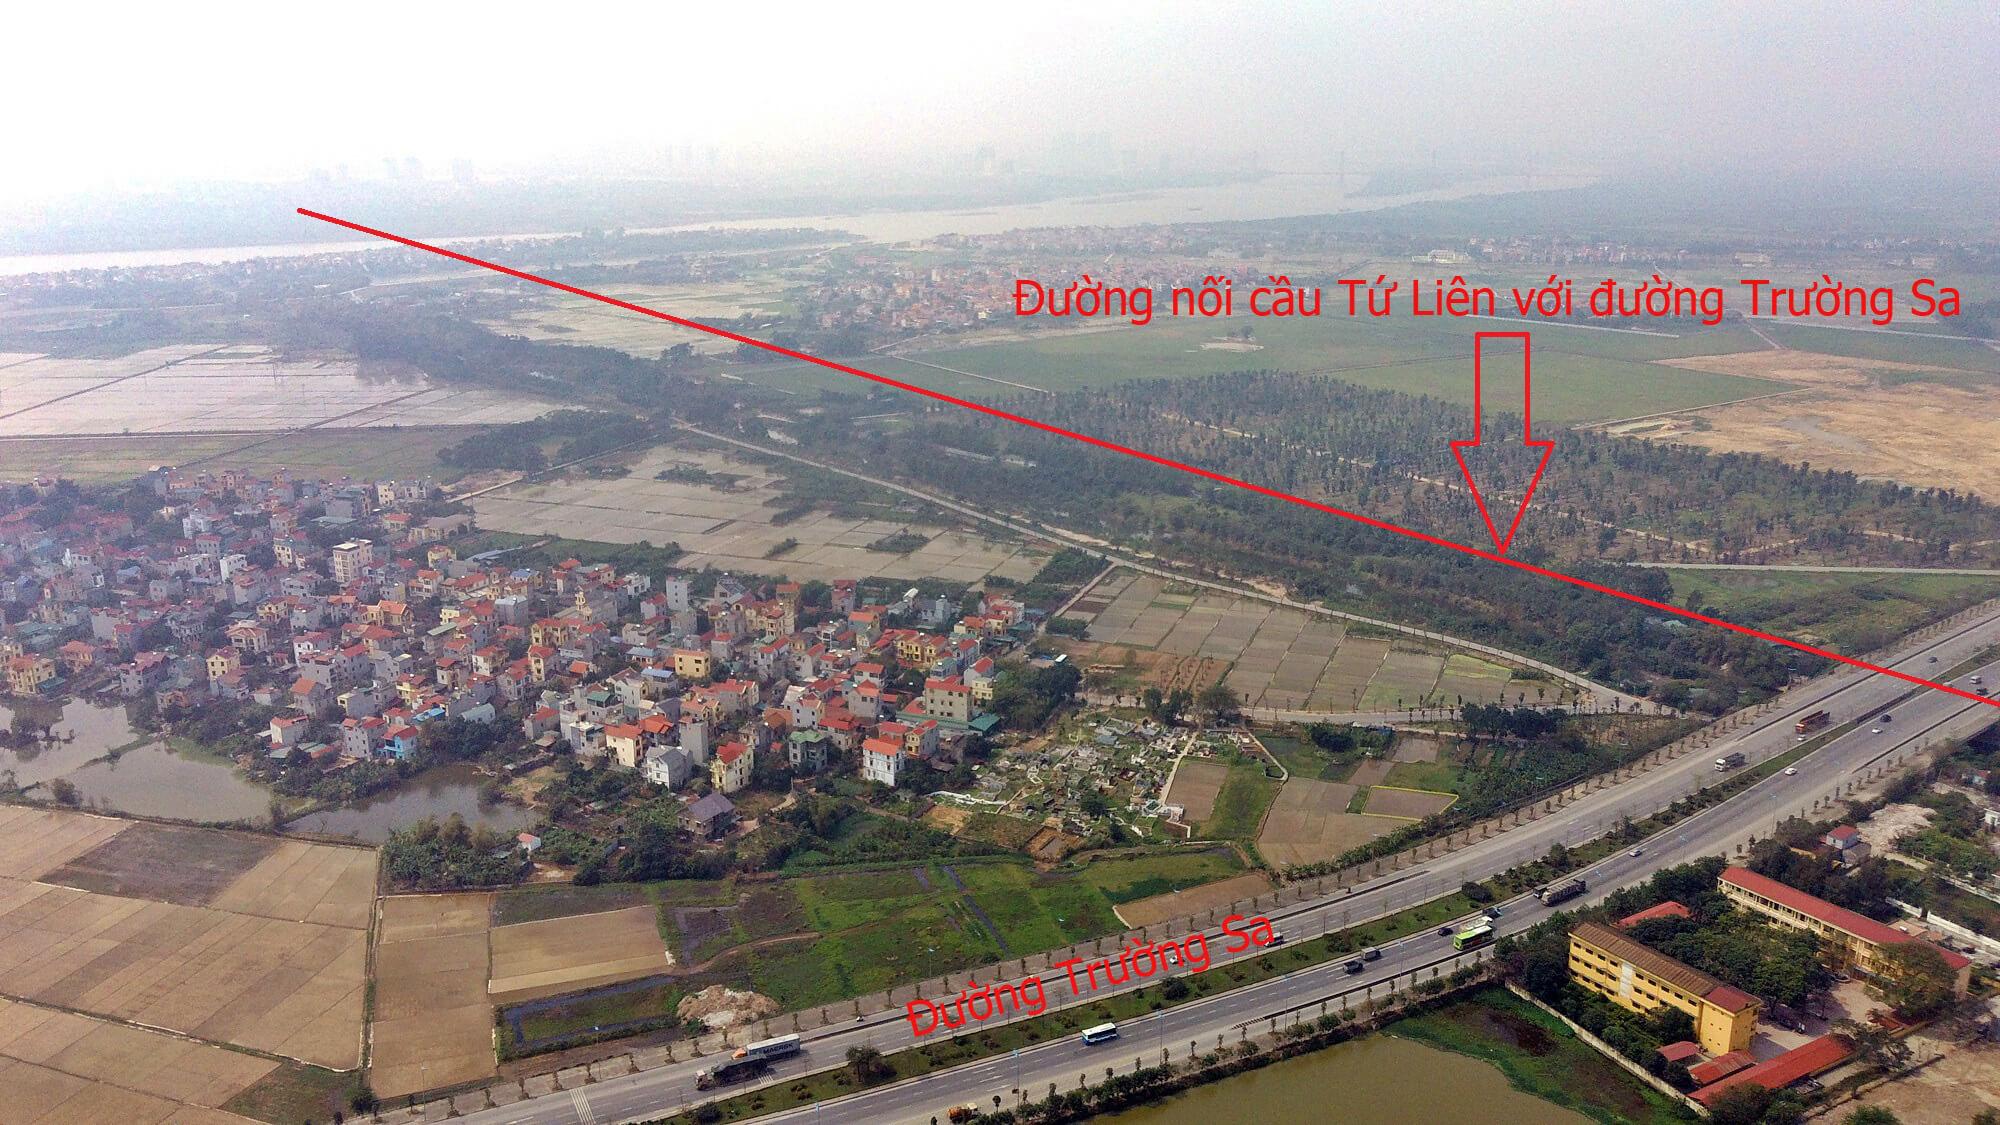 Nút giao giữa cầu Tứ Liên và đường Trường Sa.